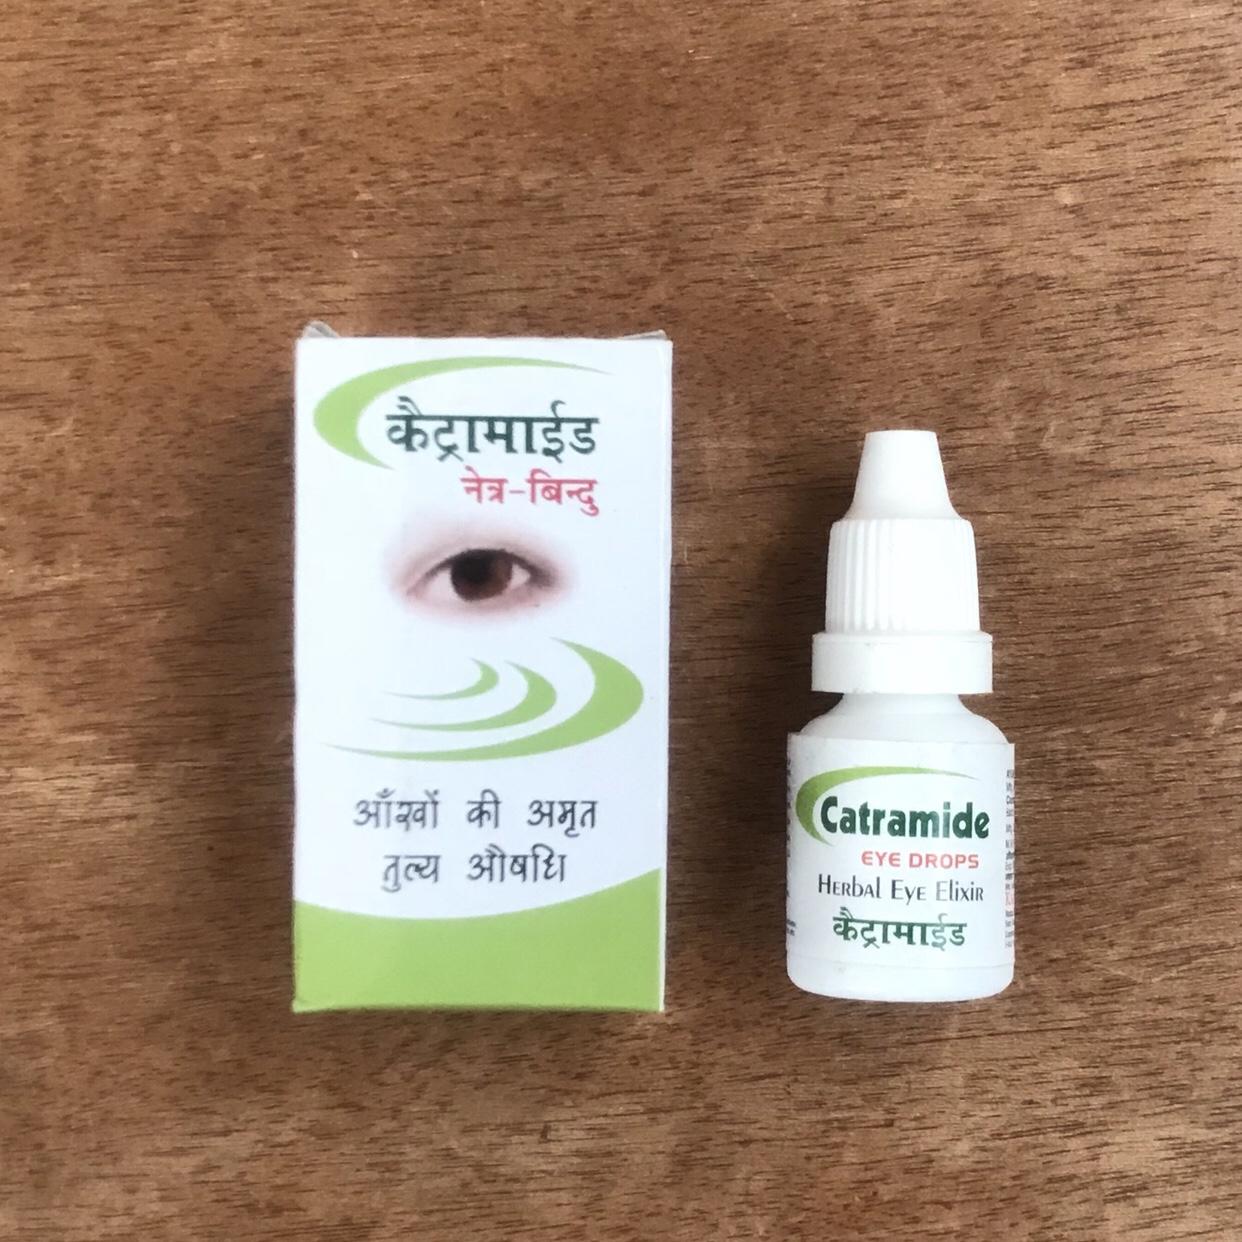 北インド アーユルヴェーダ目薬カトラミデ Catramide